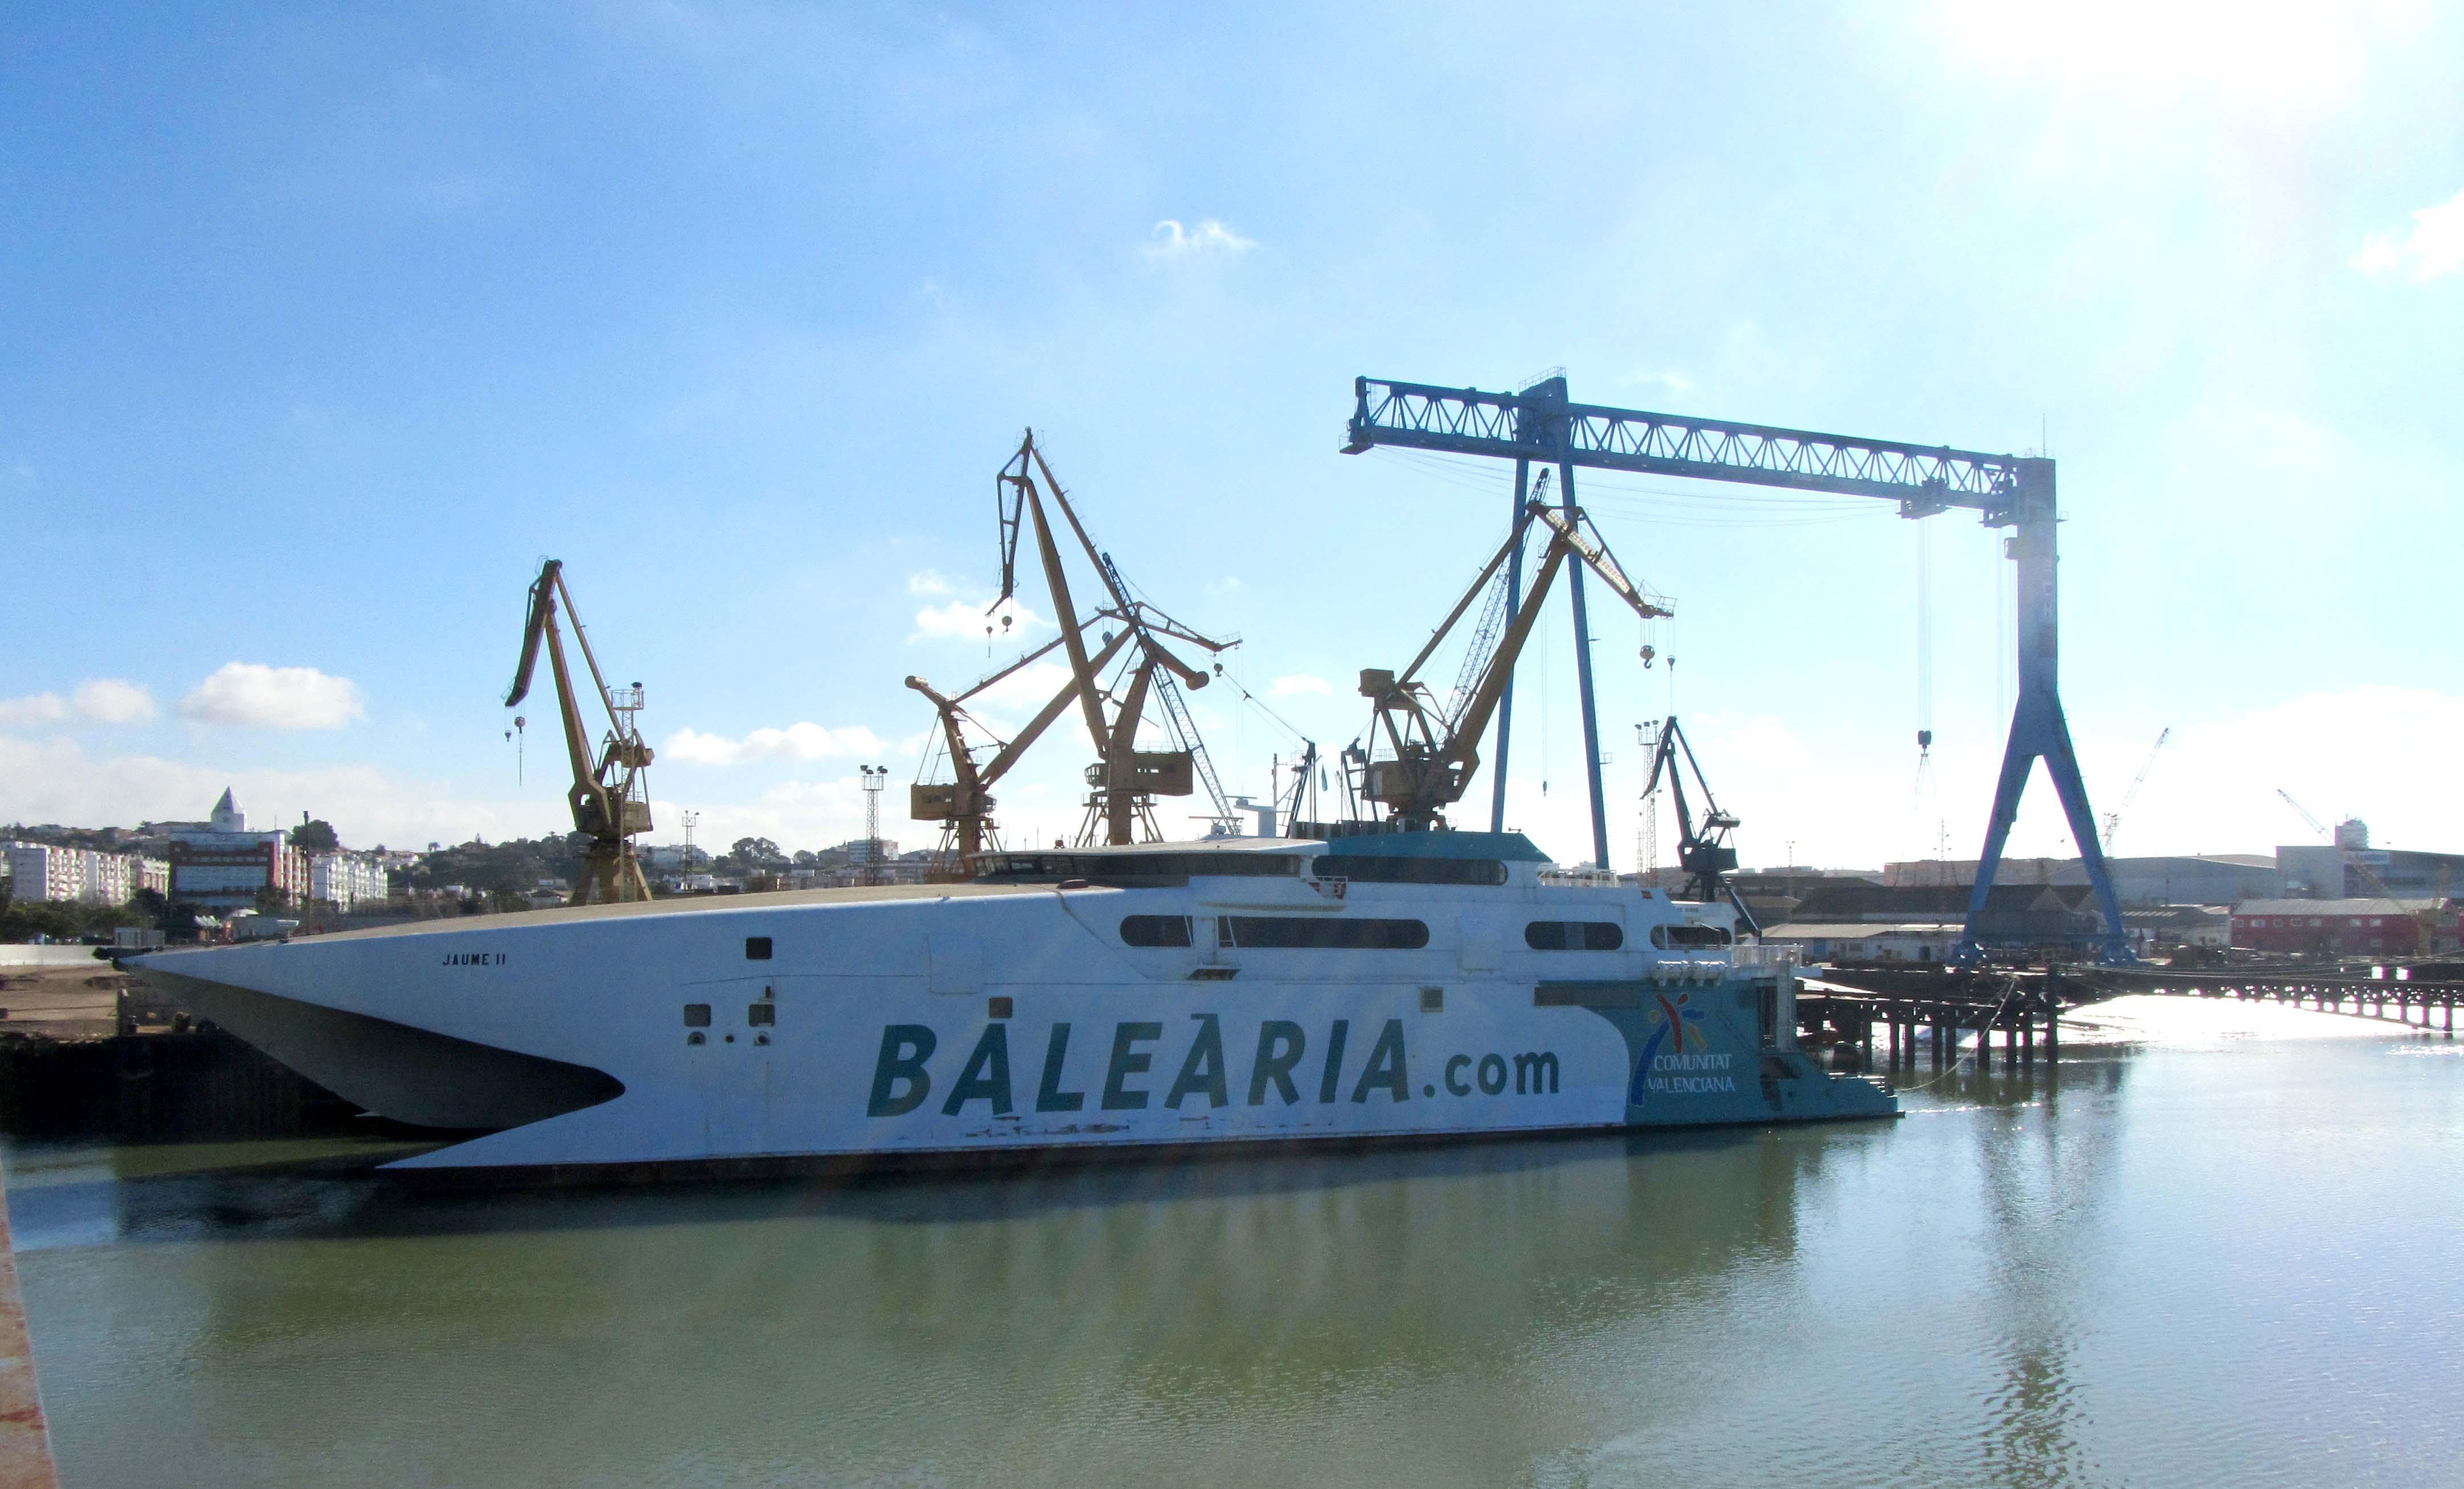 BaleariaGuadalquivir